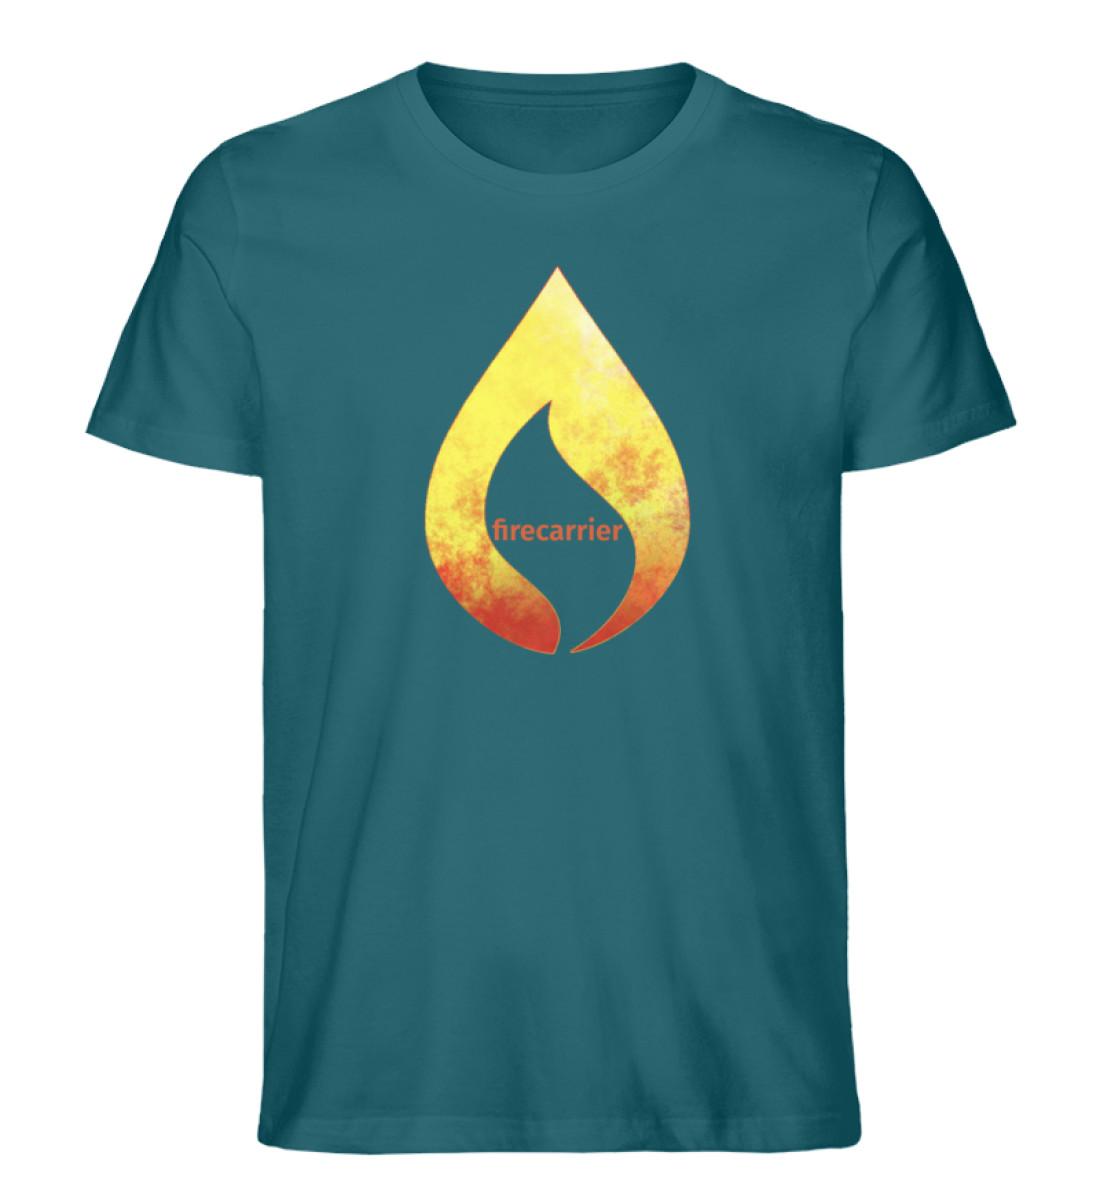 hot fire - Herren Premium Organic Shirt-6878